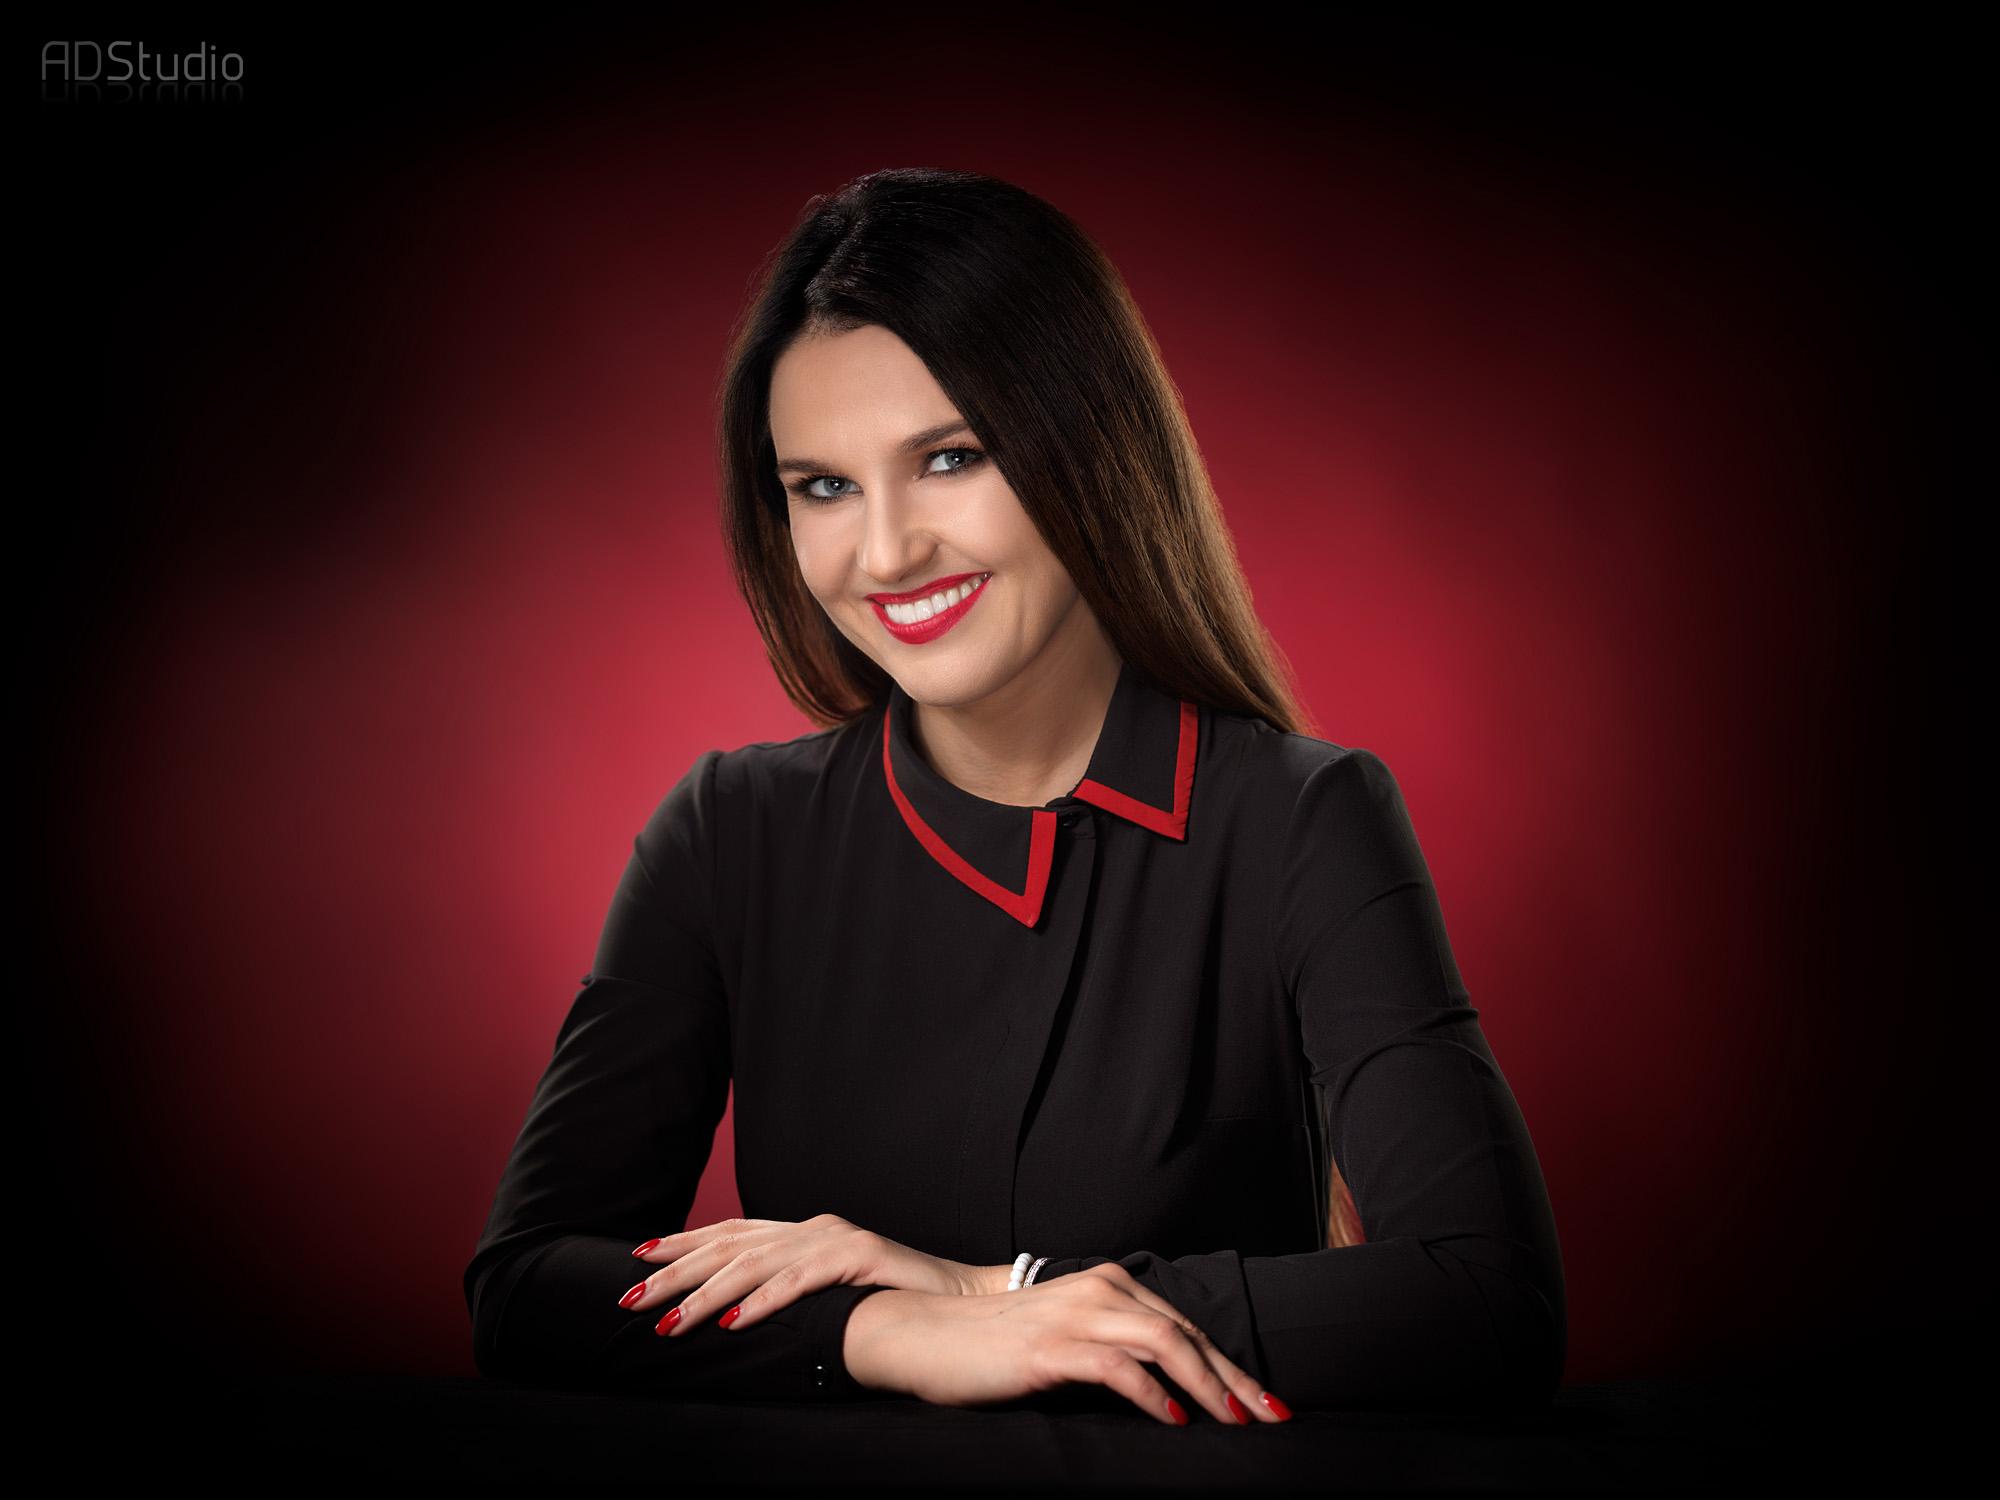 fotografia biznesowa mlodej kobiety